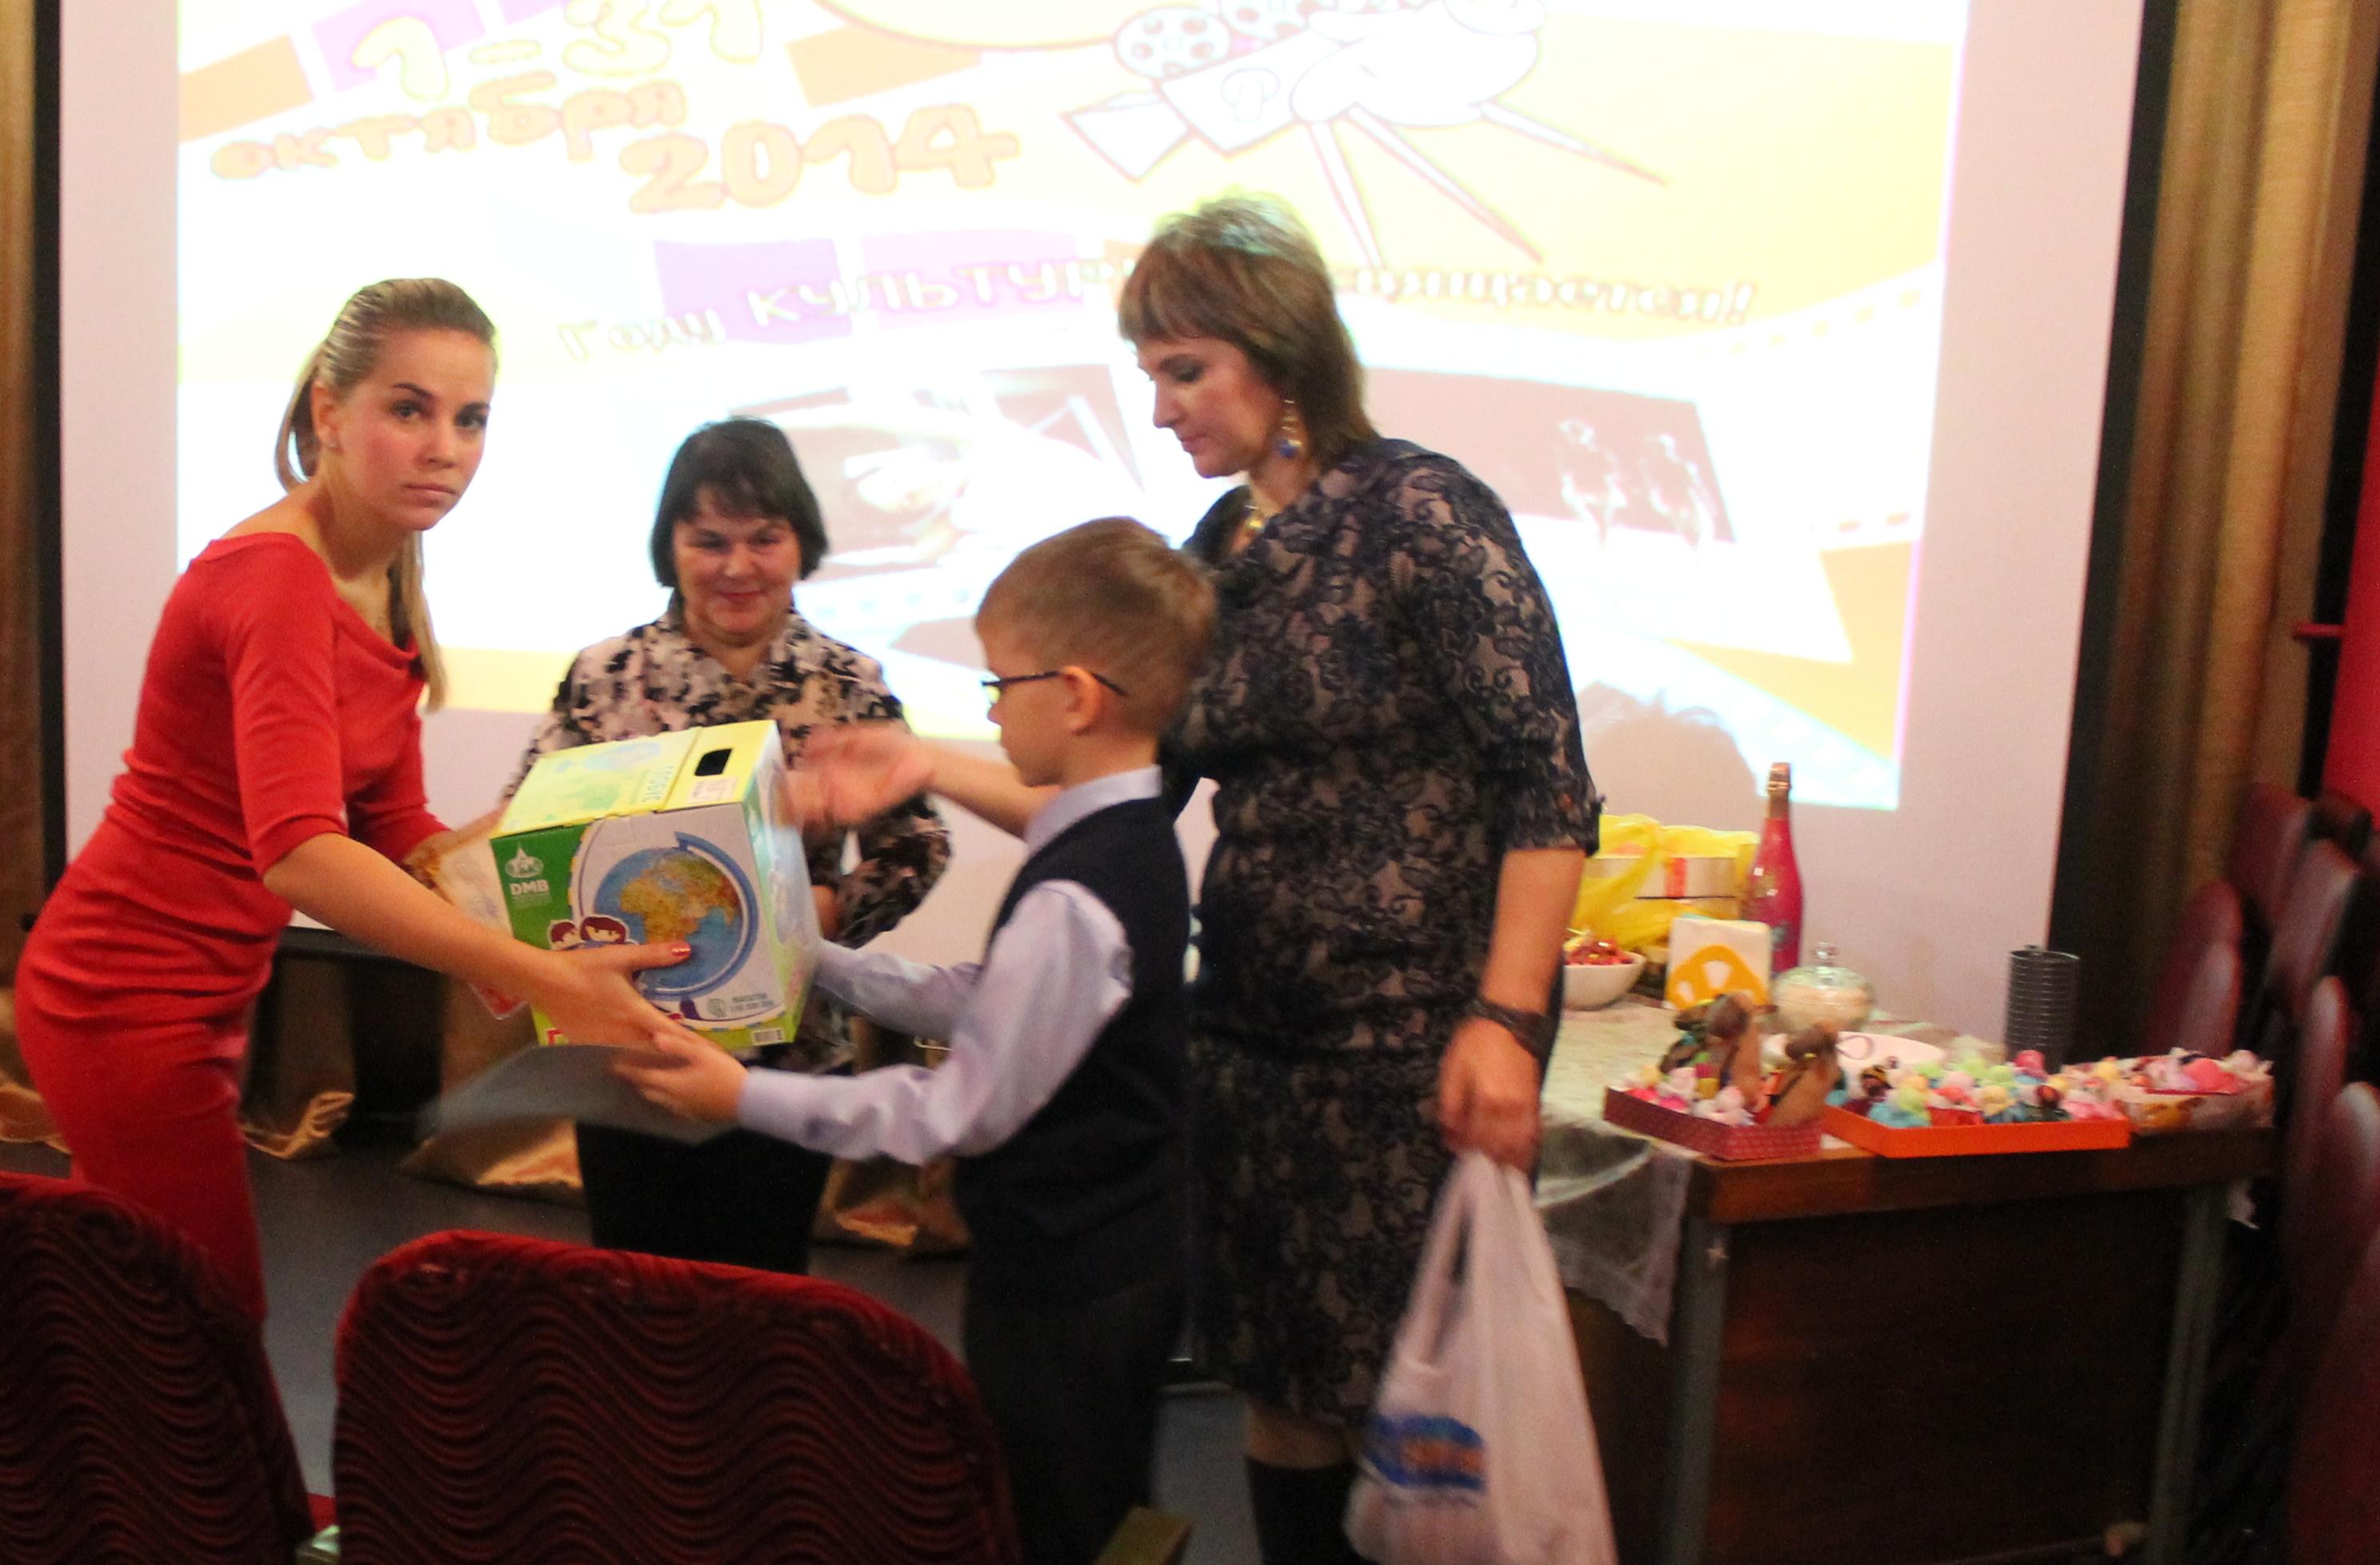 XII Волгоградский фестиваль фильмов для детей «Чудо по имени Кино!»